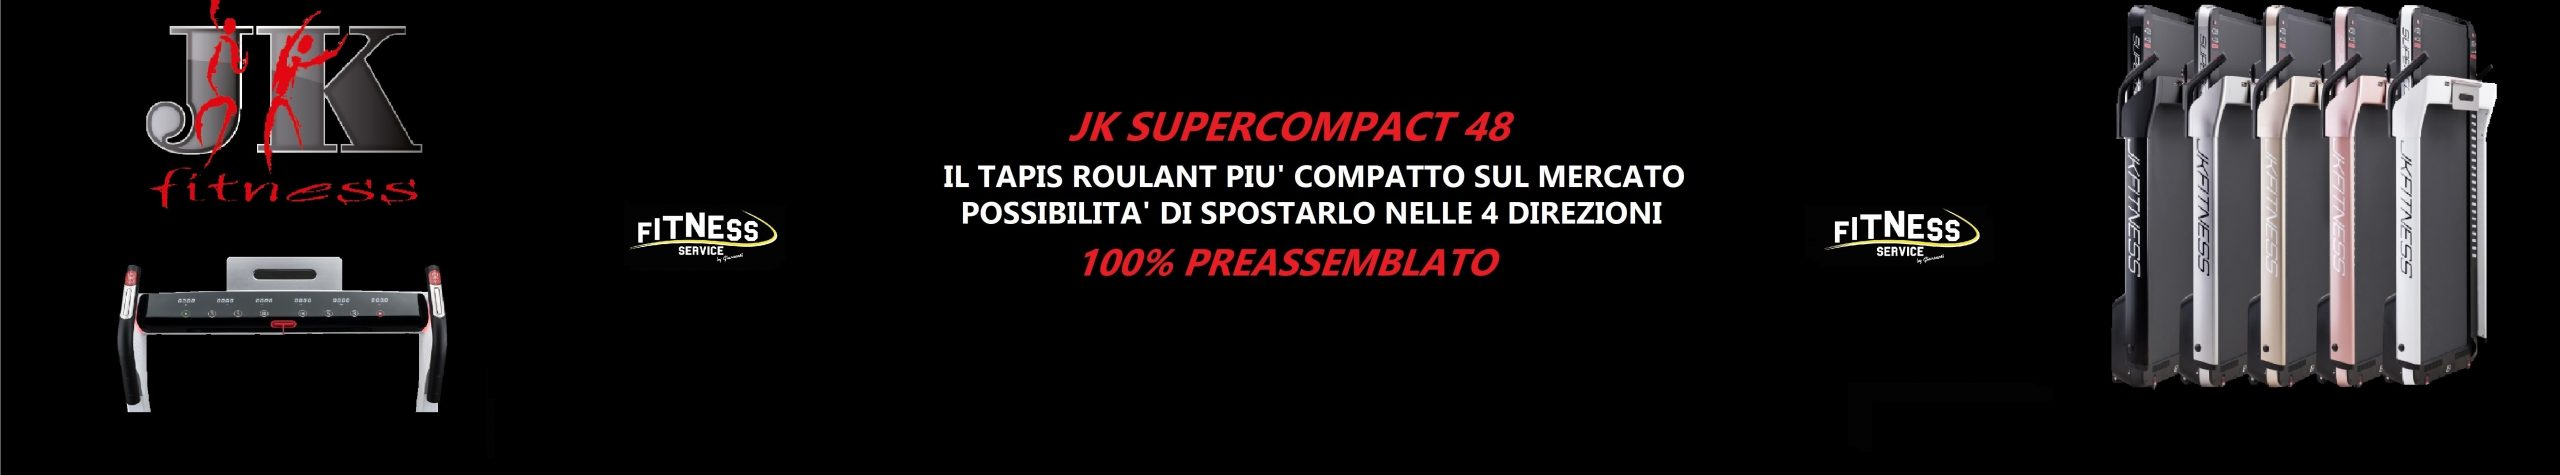 JK Super Compact 48